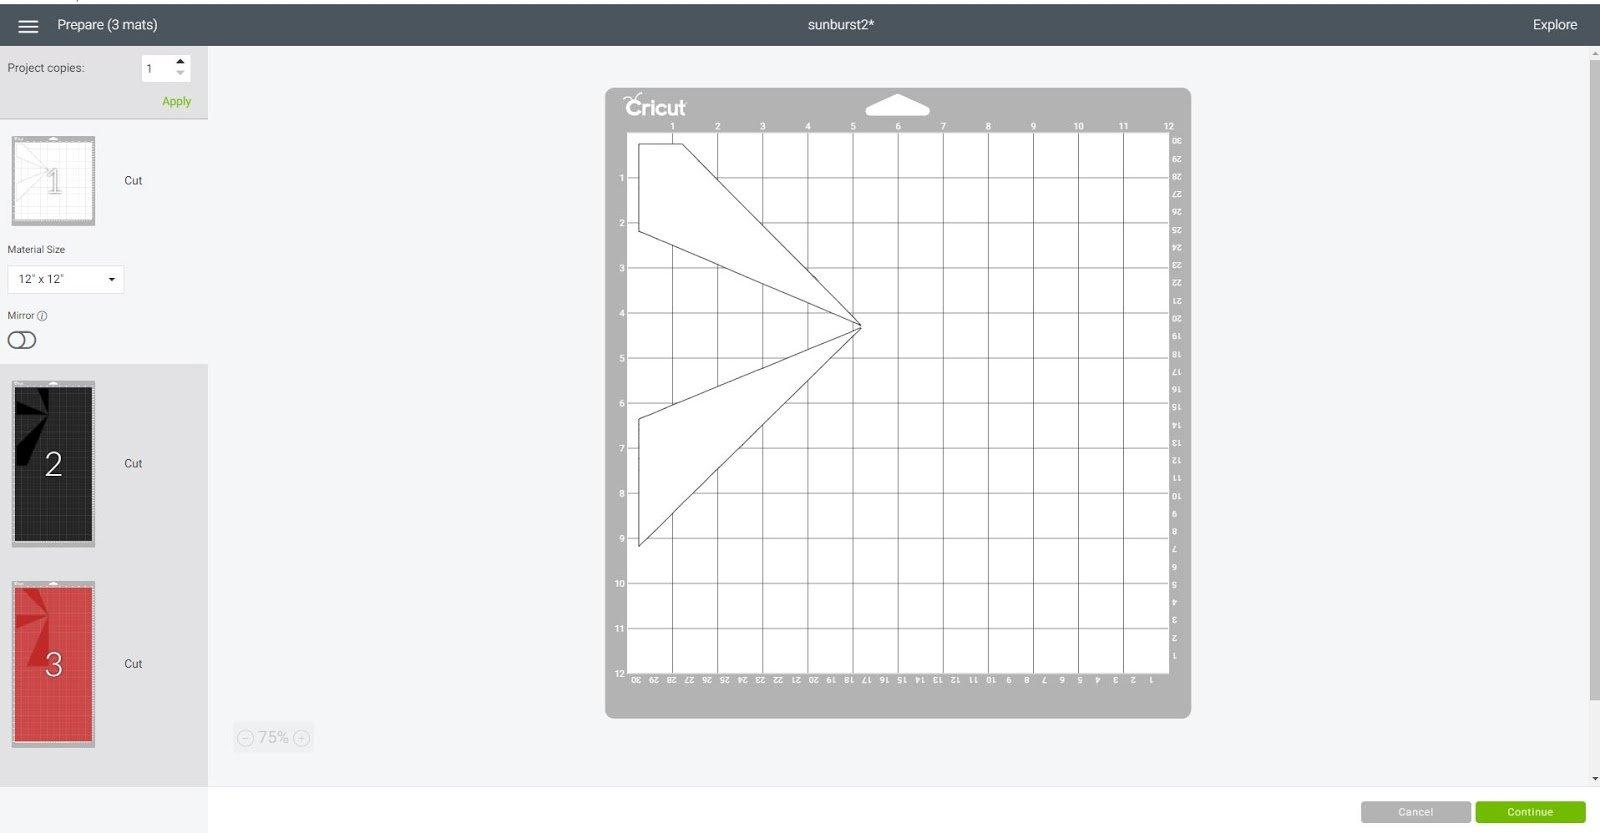 Cutting layers in Cricut Design Space